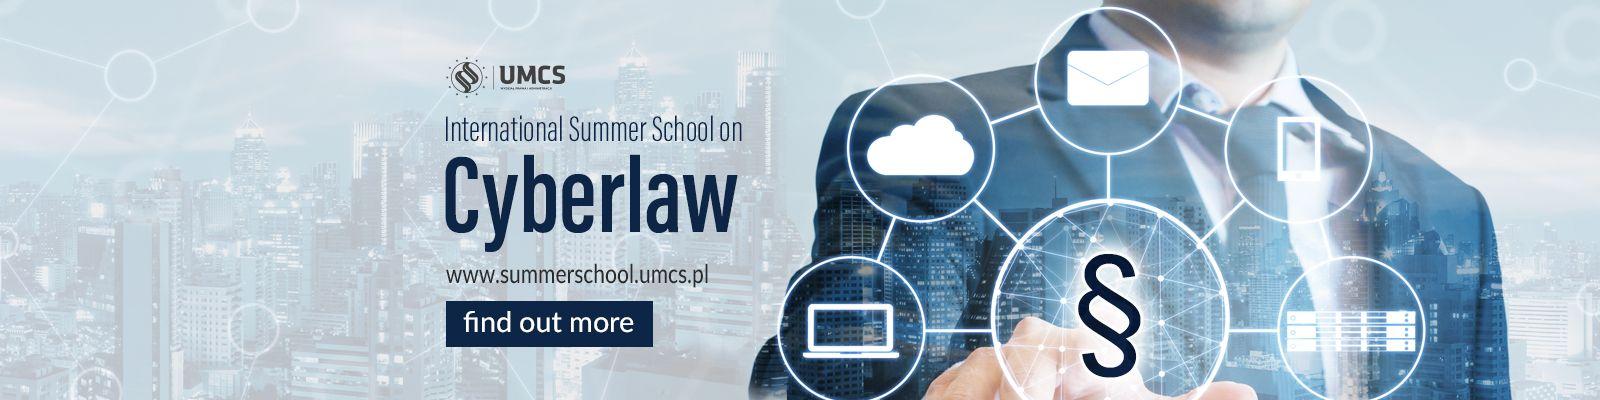 International Summer School on Cyberlaw